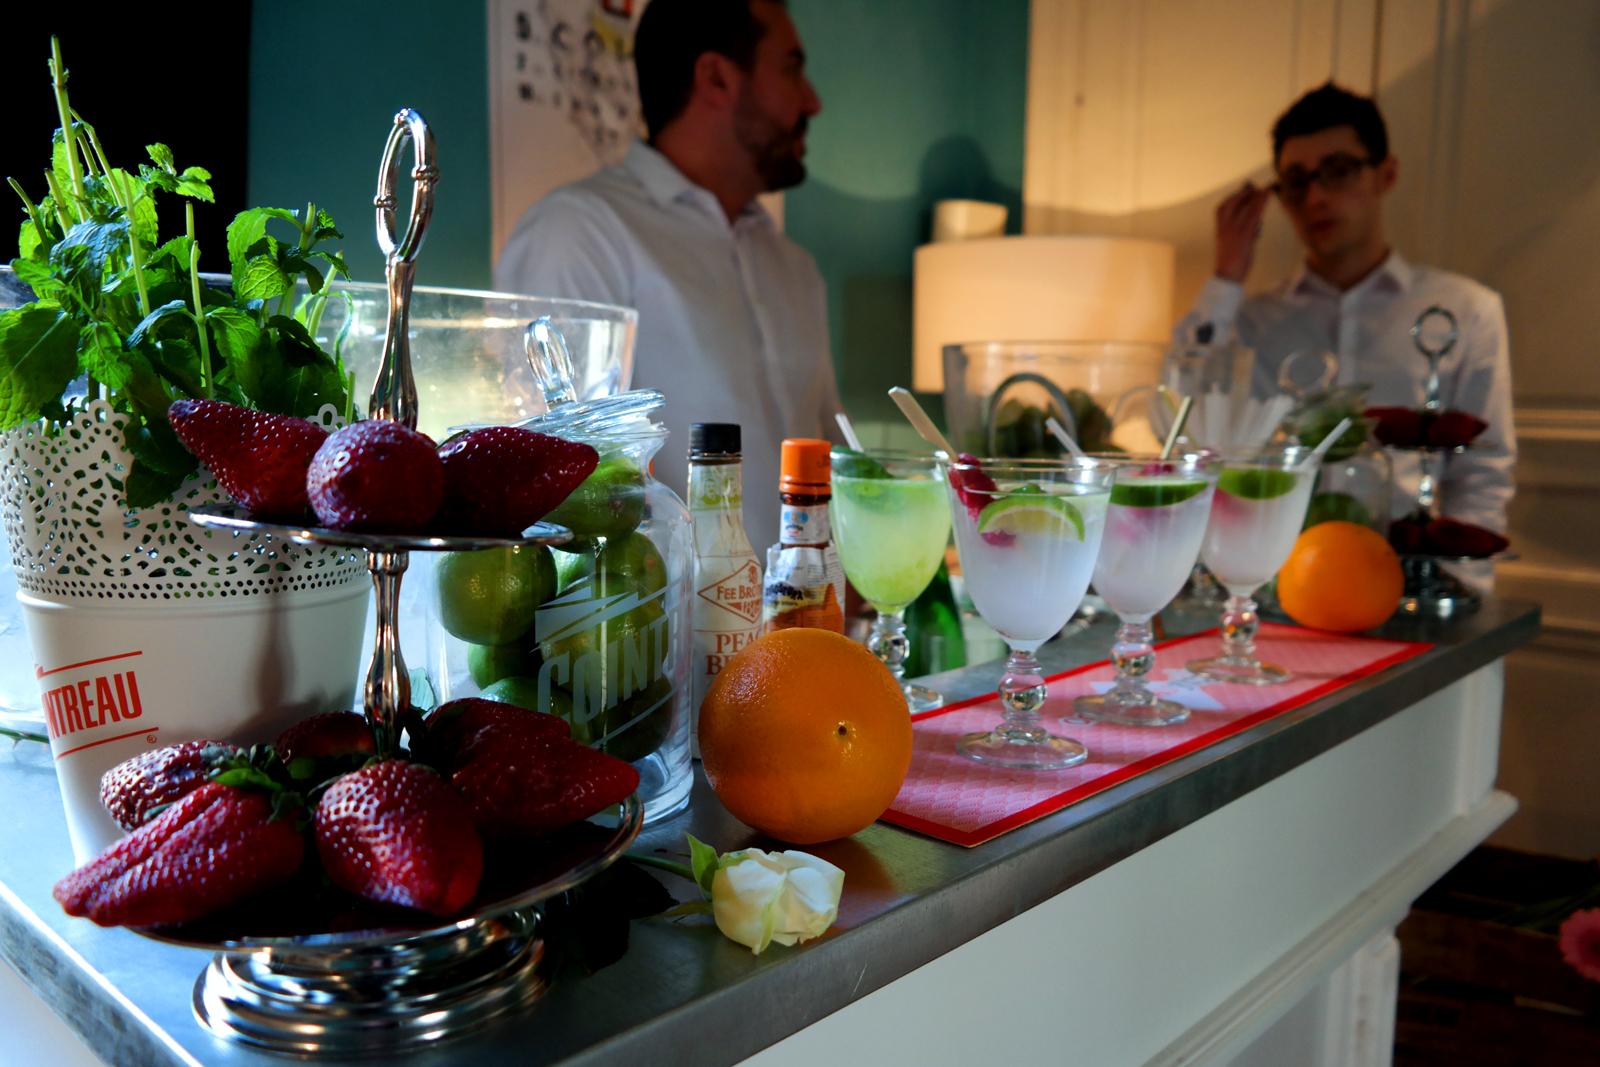 Une soir e chic entre amis avec cocktails et d ner c 39 est for Diner chic entre amis